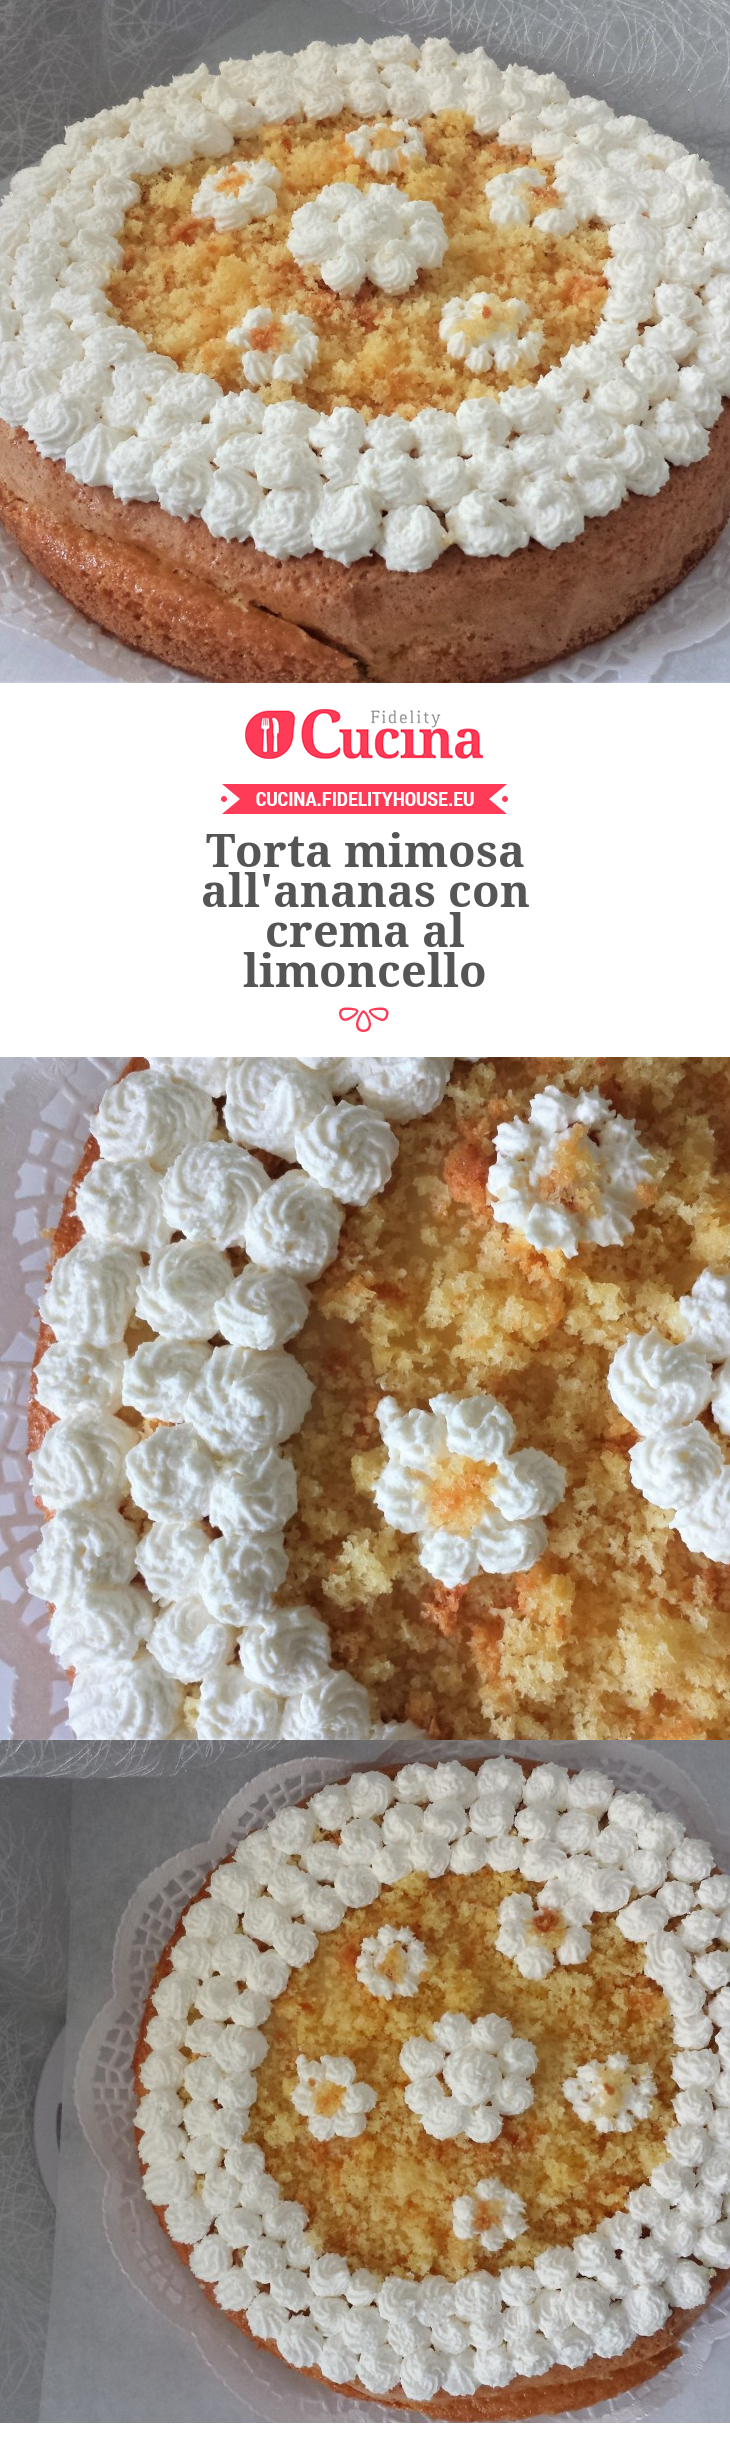 Torta Mimosa Allananas Con Crema Al Limoncello Rezept Kuchen